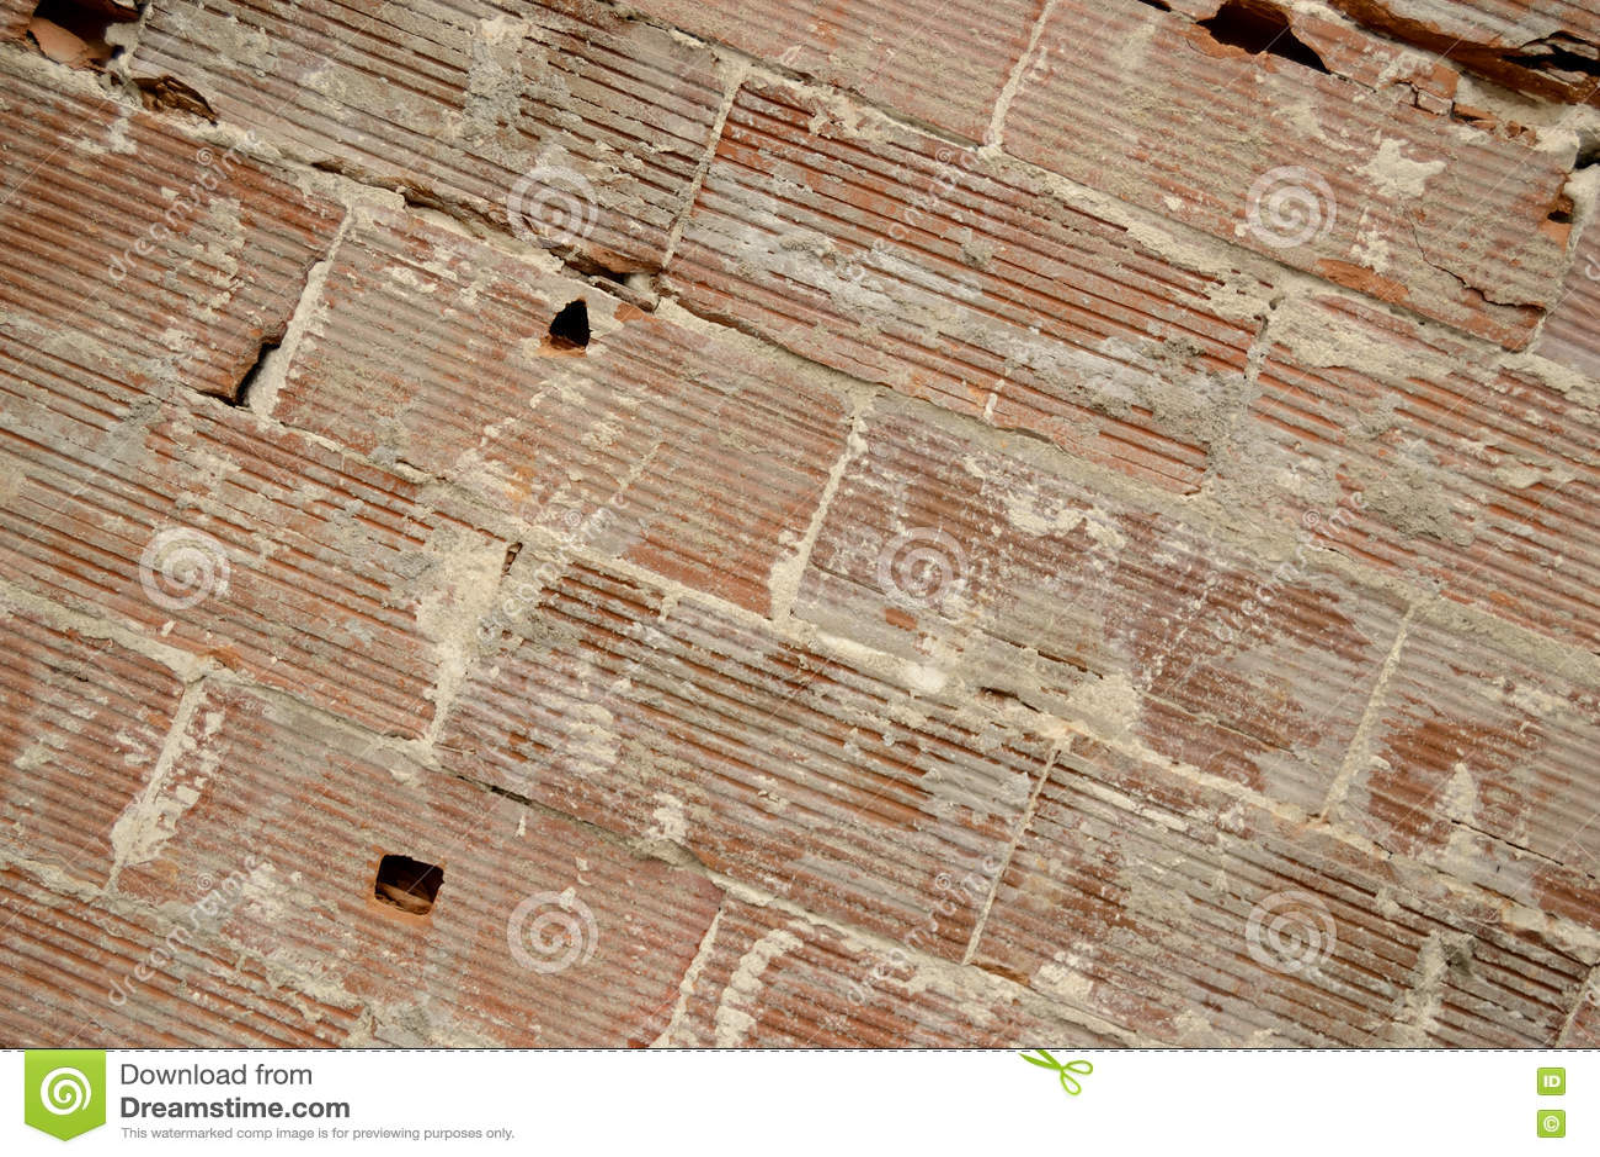 Μεγάλο υπόβαθρο τοίχων τούβλων παλαιό, διαγώνιες γραμμές